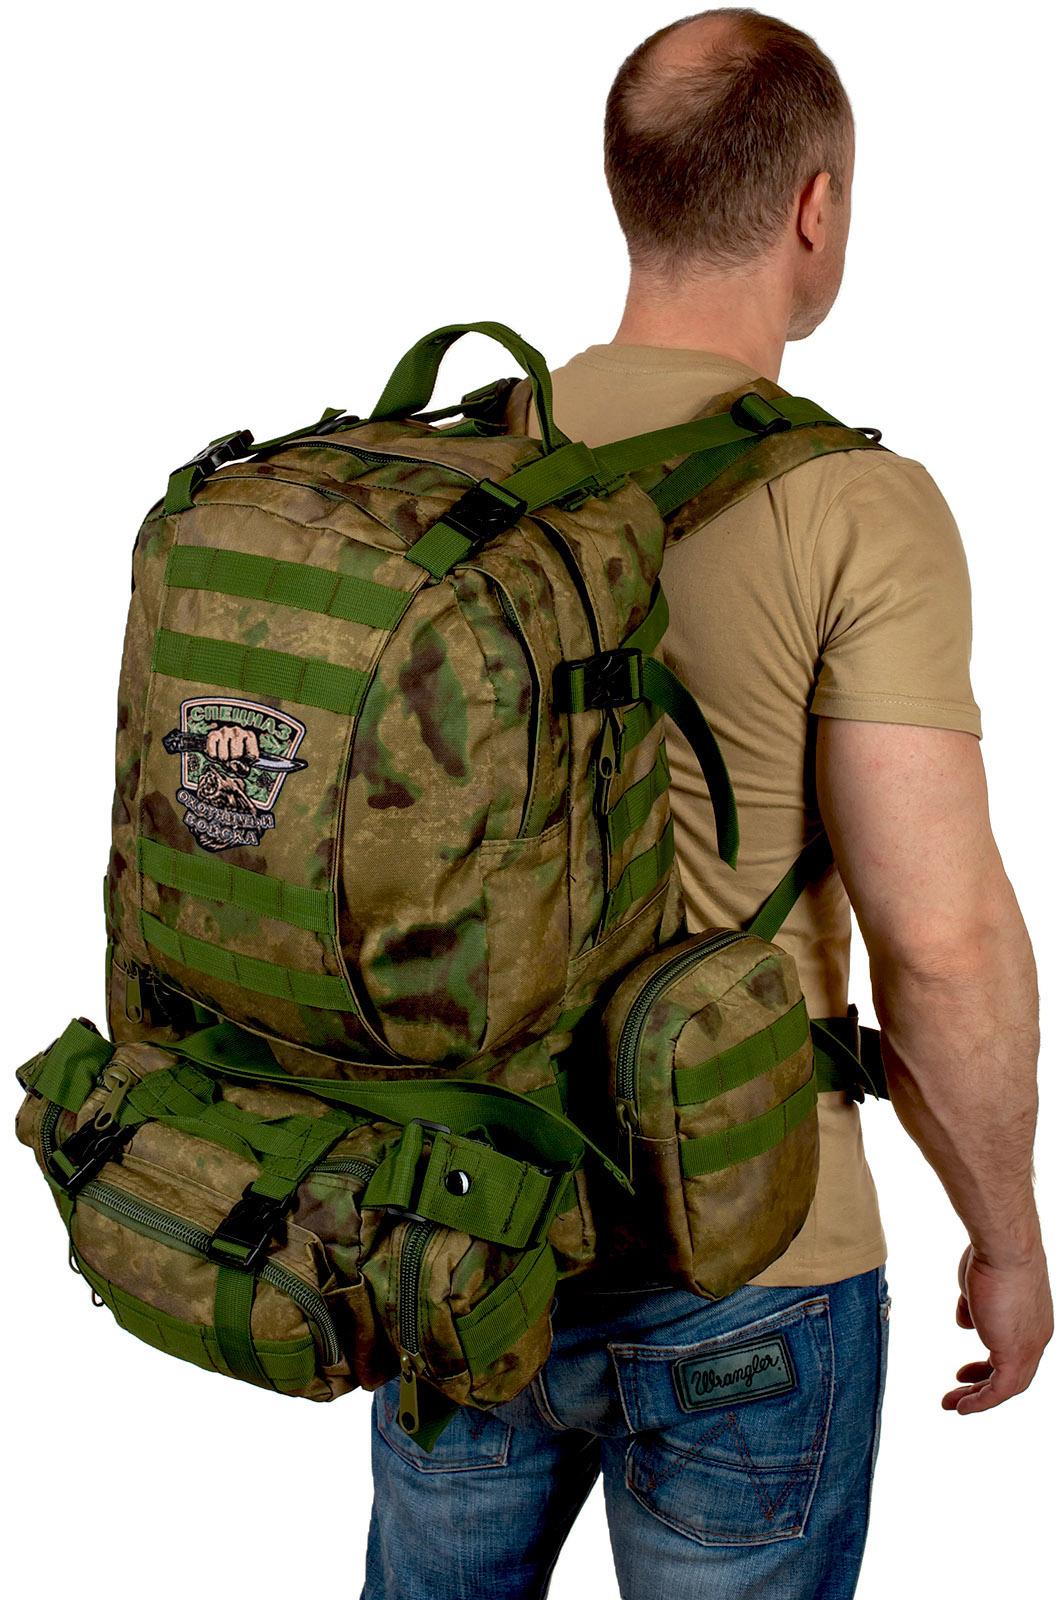 Тактический рюкзак с подсумком с нашивкой для охотников купить онлайн